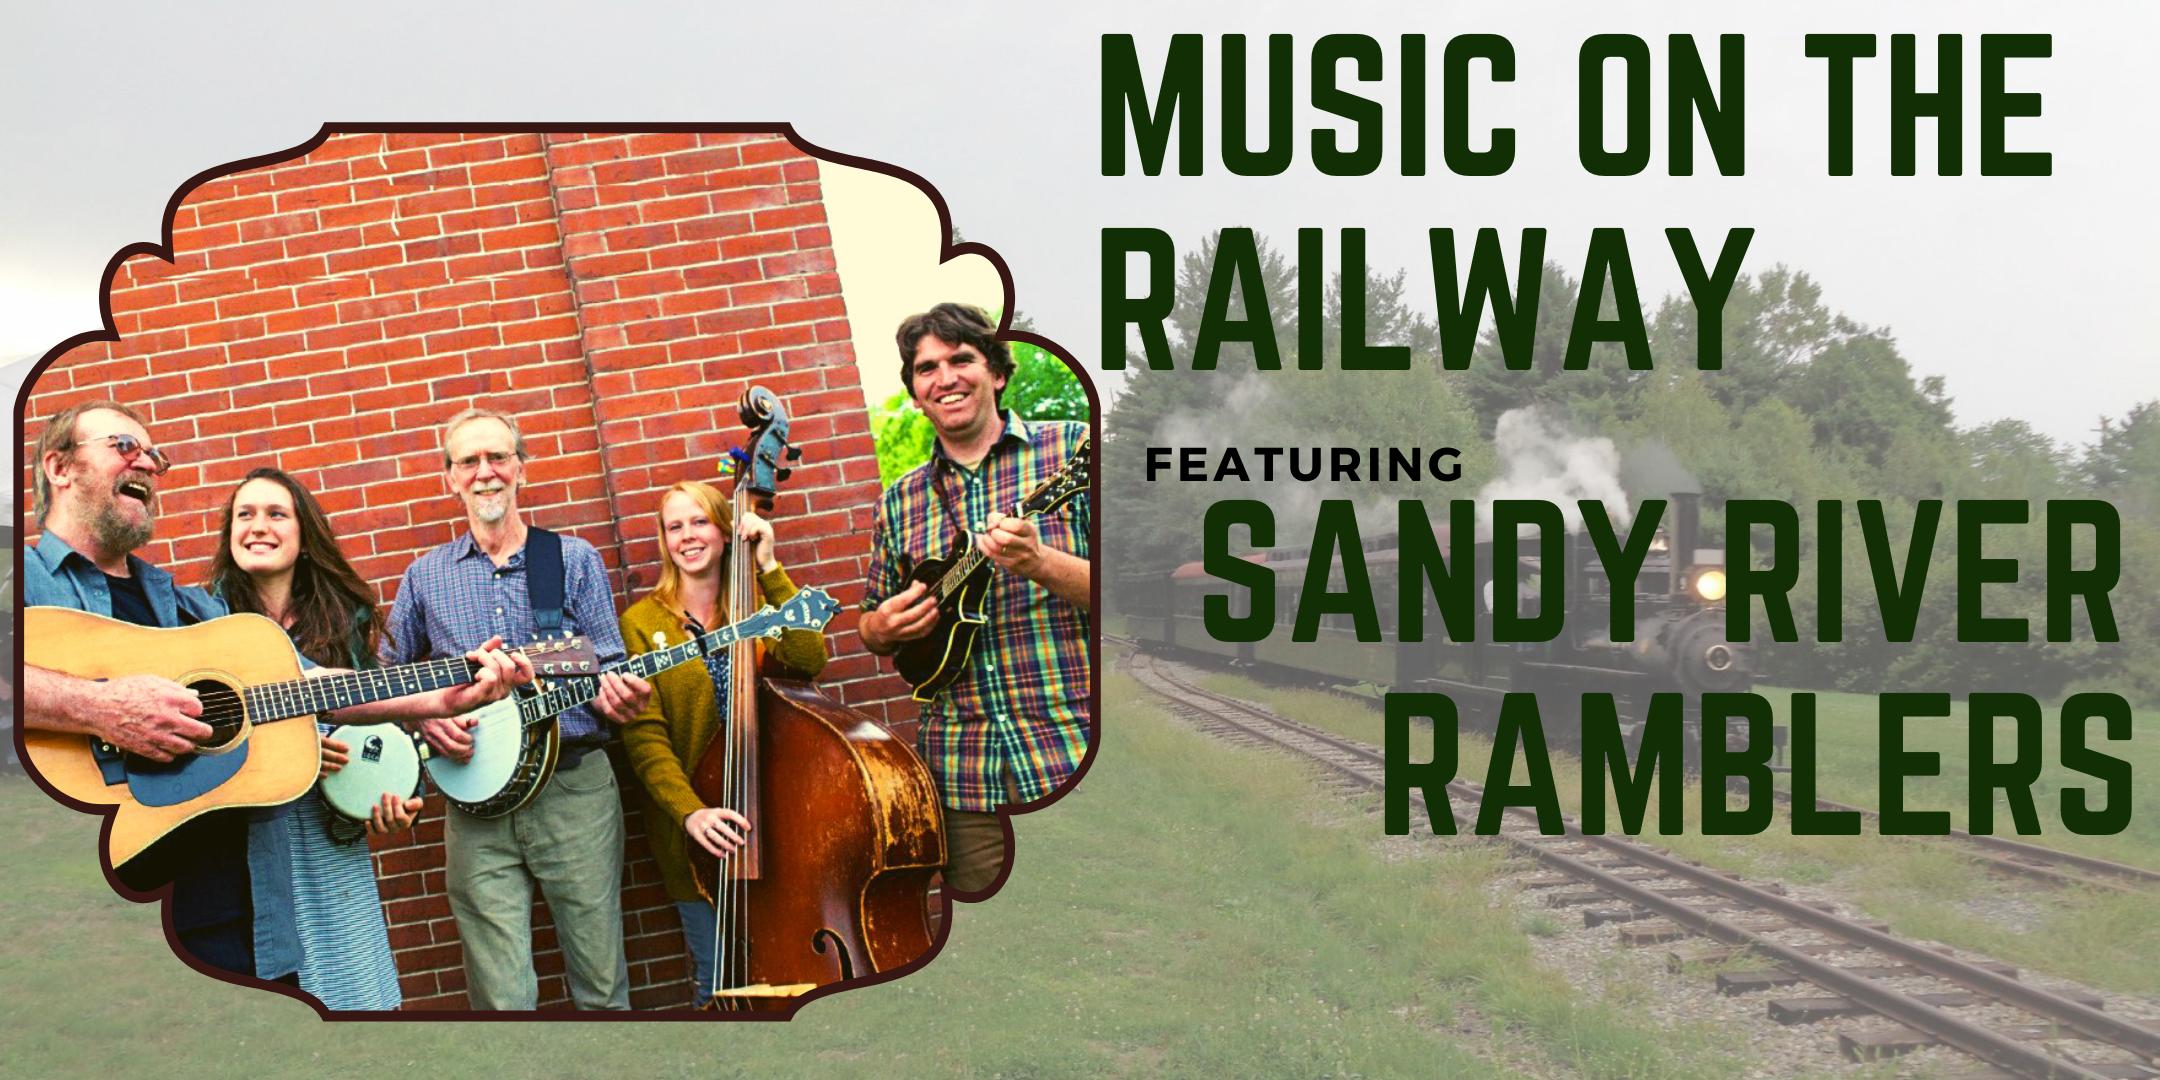 Sandy River Ramblers